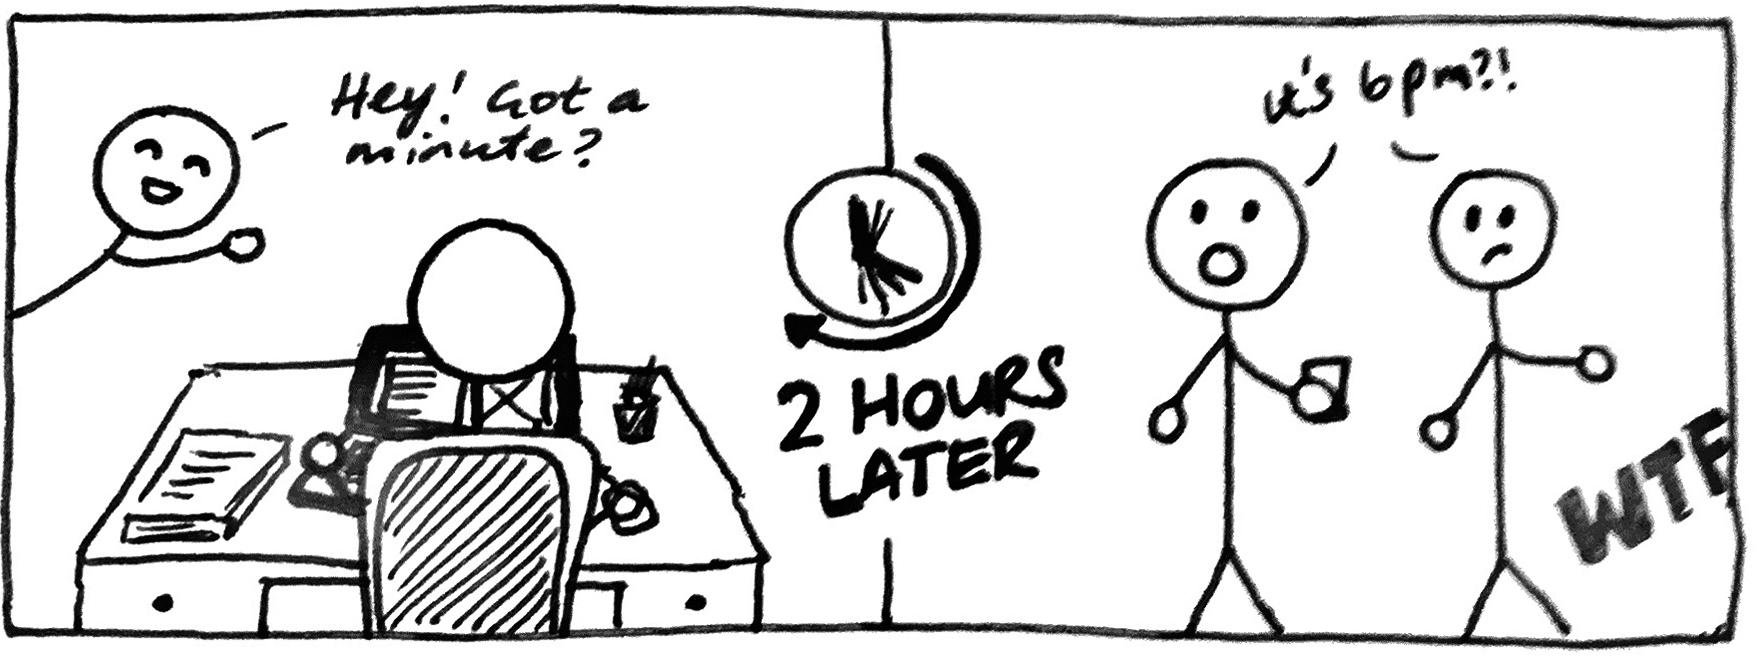 Minimize interruptions